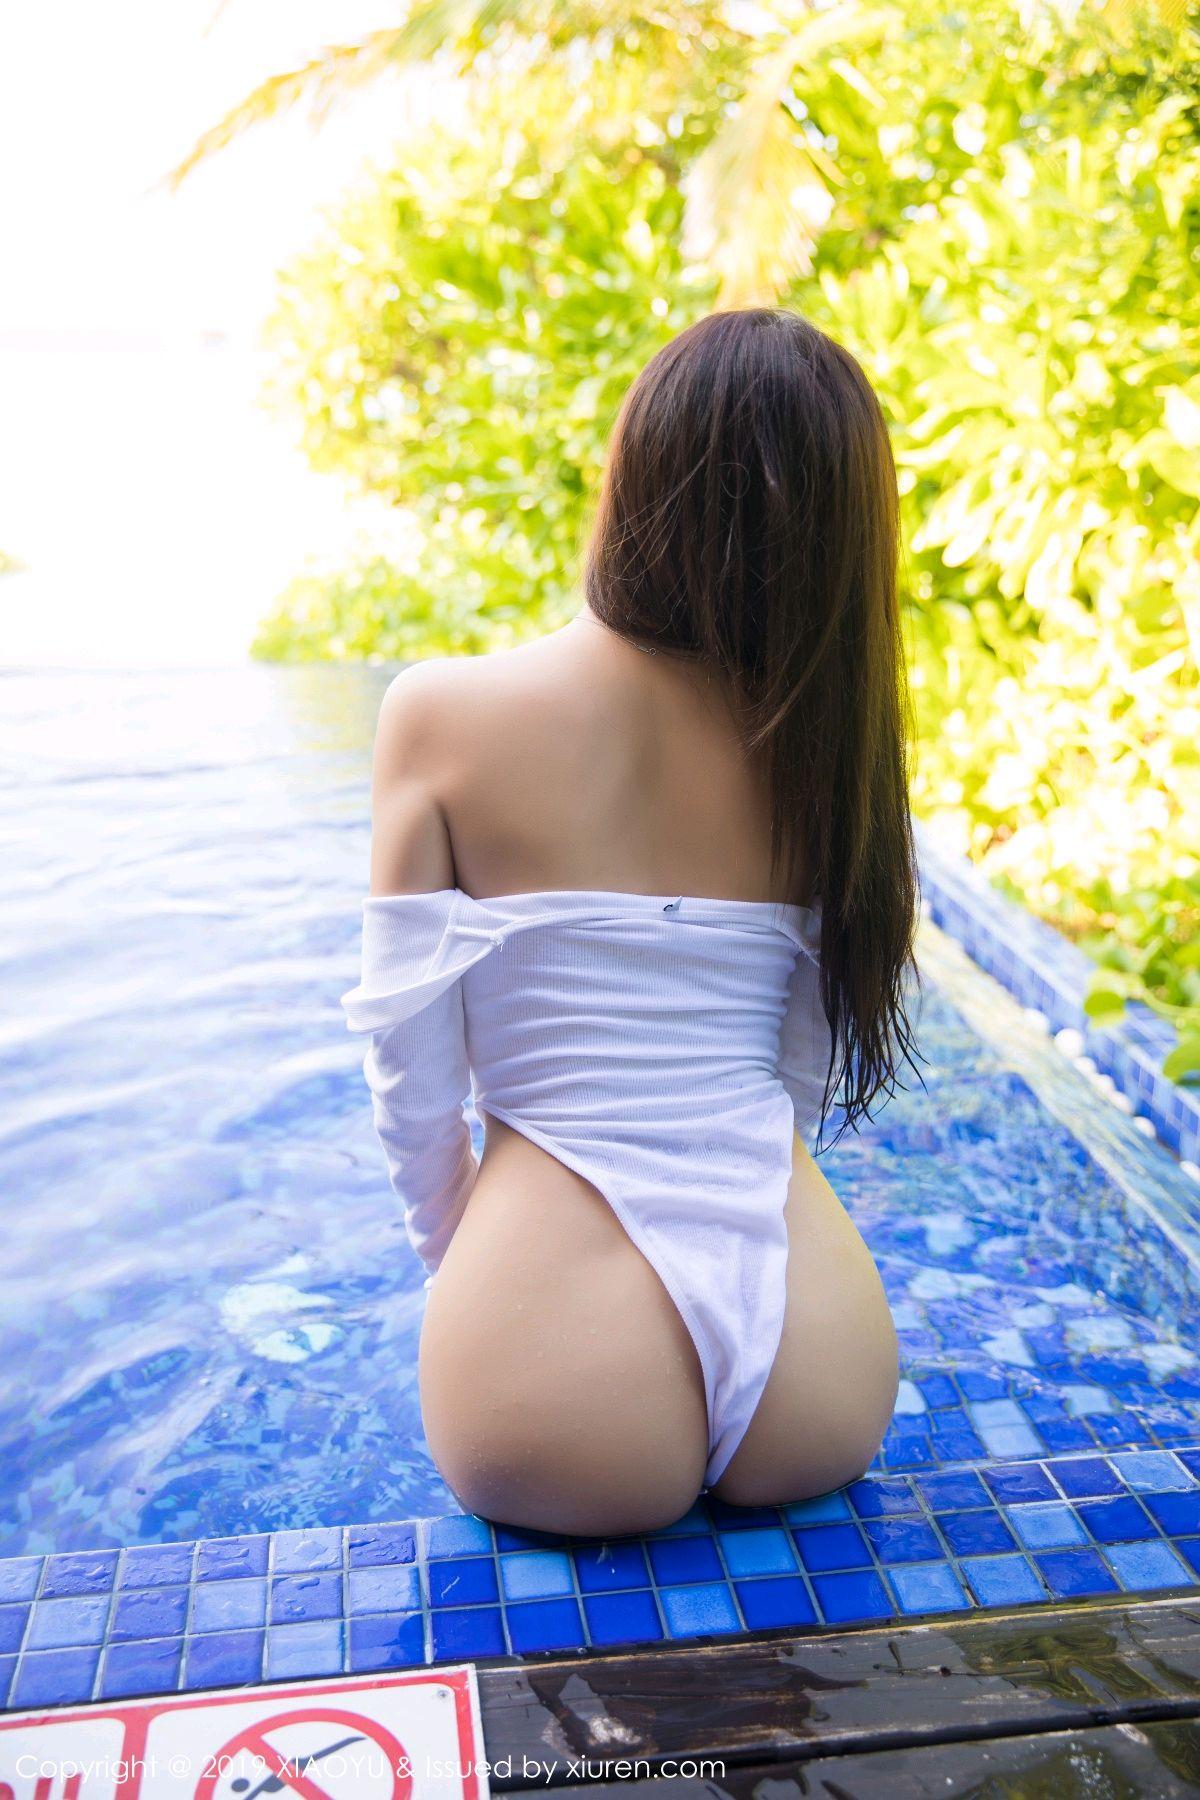 [XiaoYu] Vol.081 Yang Chen Chen 45P, Swim Pool, Wet, XiaoYu, Yang Chen Chen